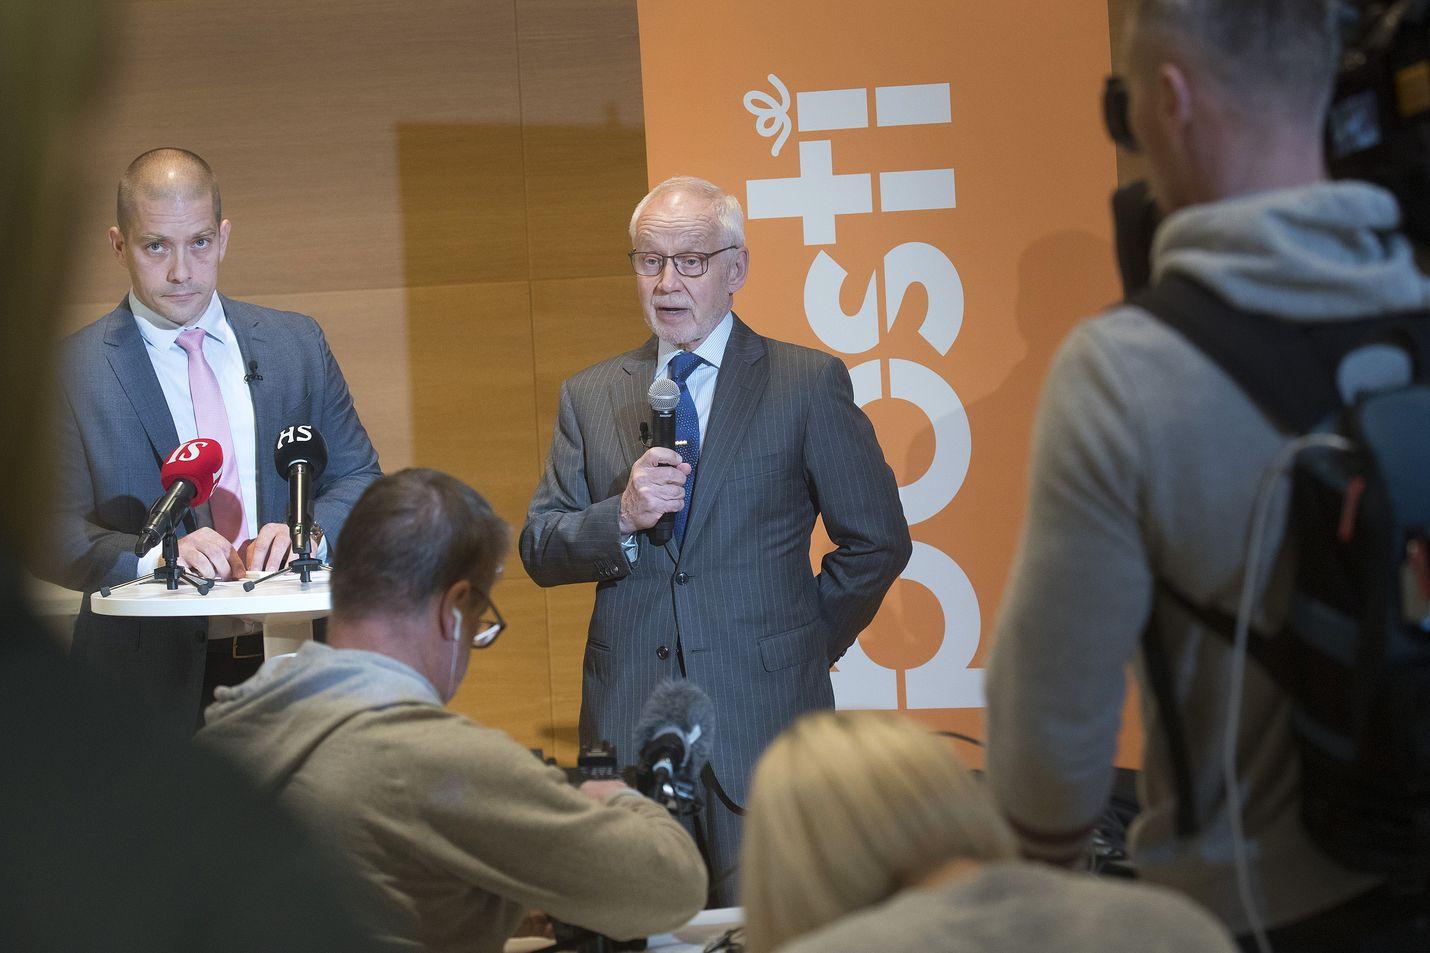 Postin hallituksen puheenjohtaja Markku Pohjola kertoi eronneen toimitusjohtajan Heikki Malisen toteuttaneen hallituksen asettamat tavoitteet. Vieressä vasemmalla on väliaikaiseksi toimitusjohtajaksi valittu Turkka Kuusisto.